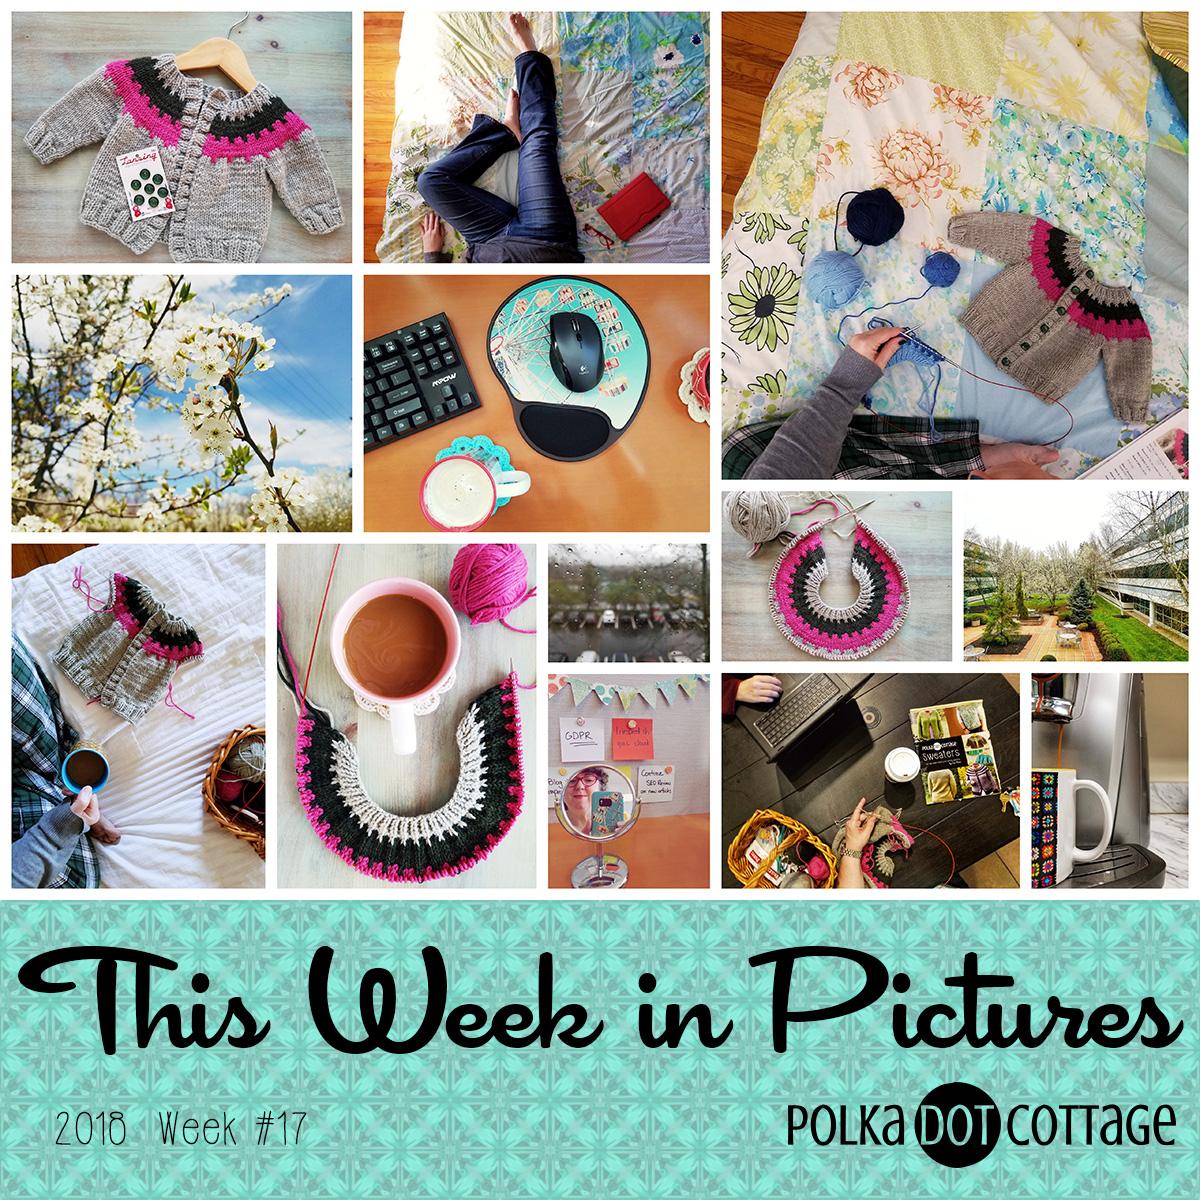 This Week in Pictures, Week 17, 2018